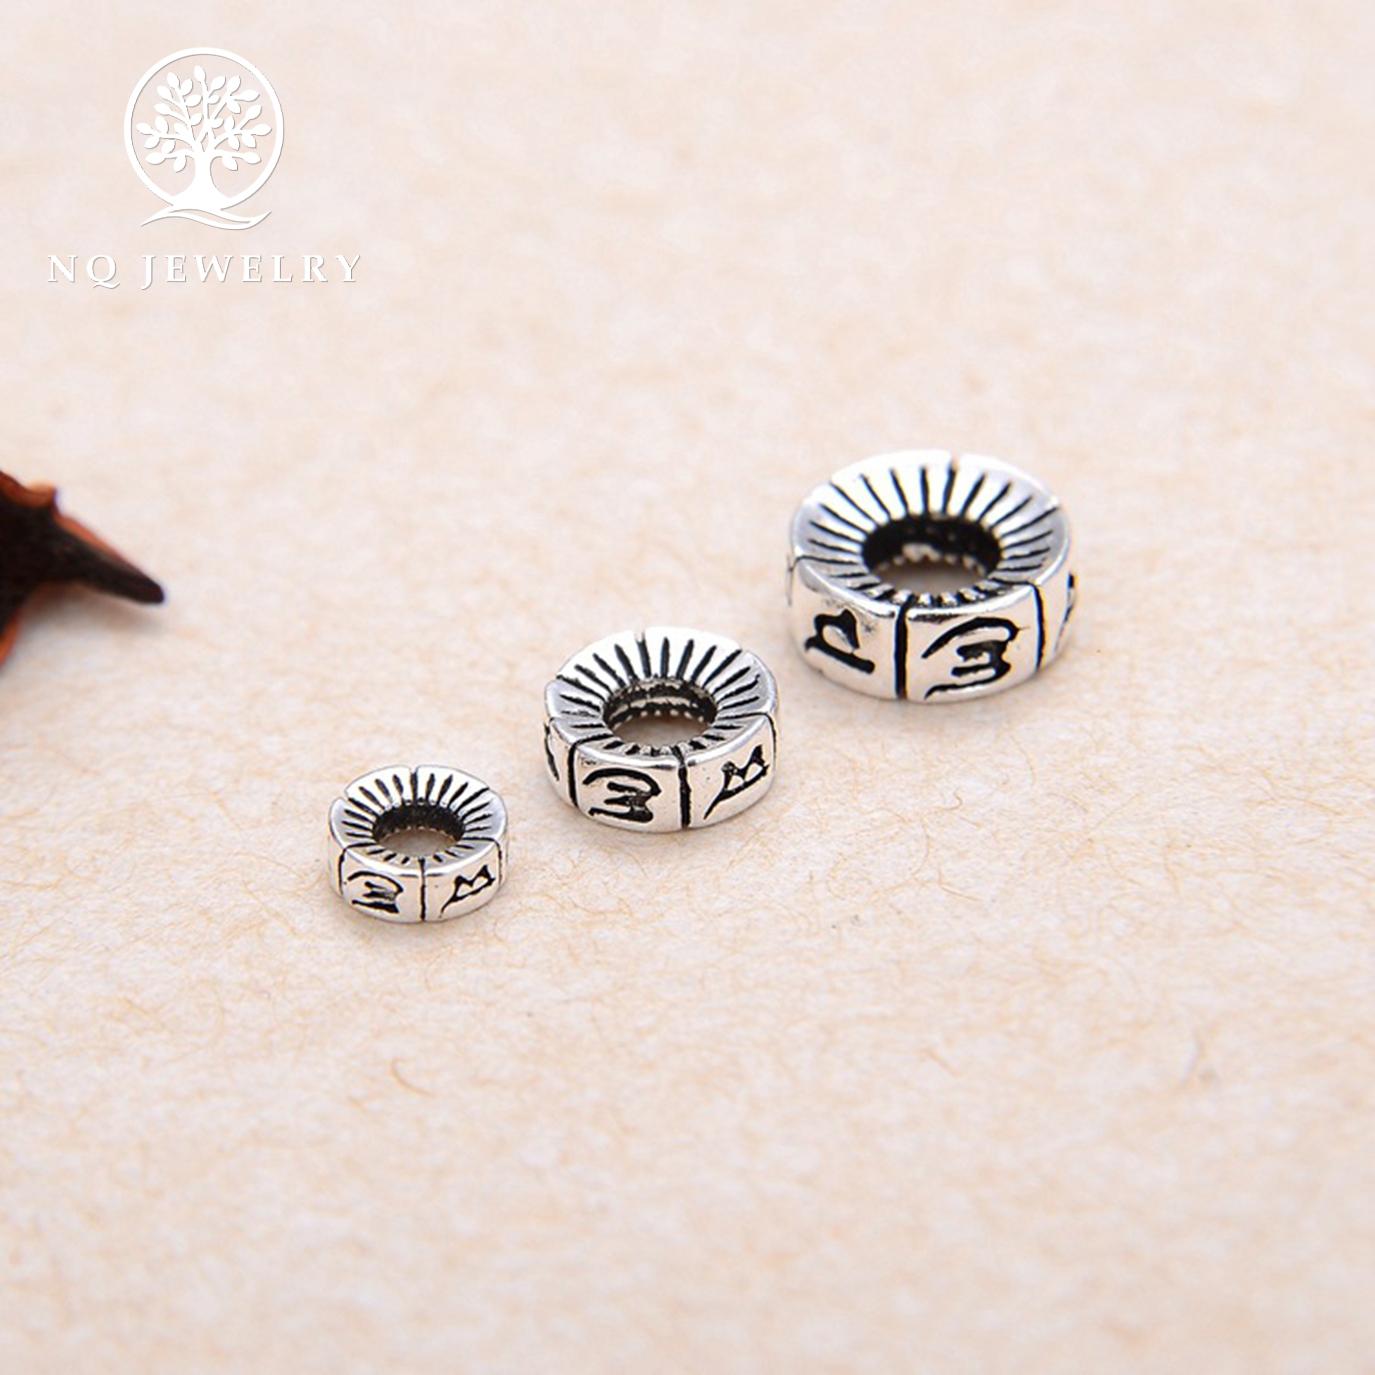 [HCM]Charm bạc chặn hạt lục tự minh chú - NQ Jewelry